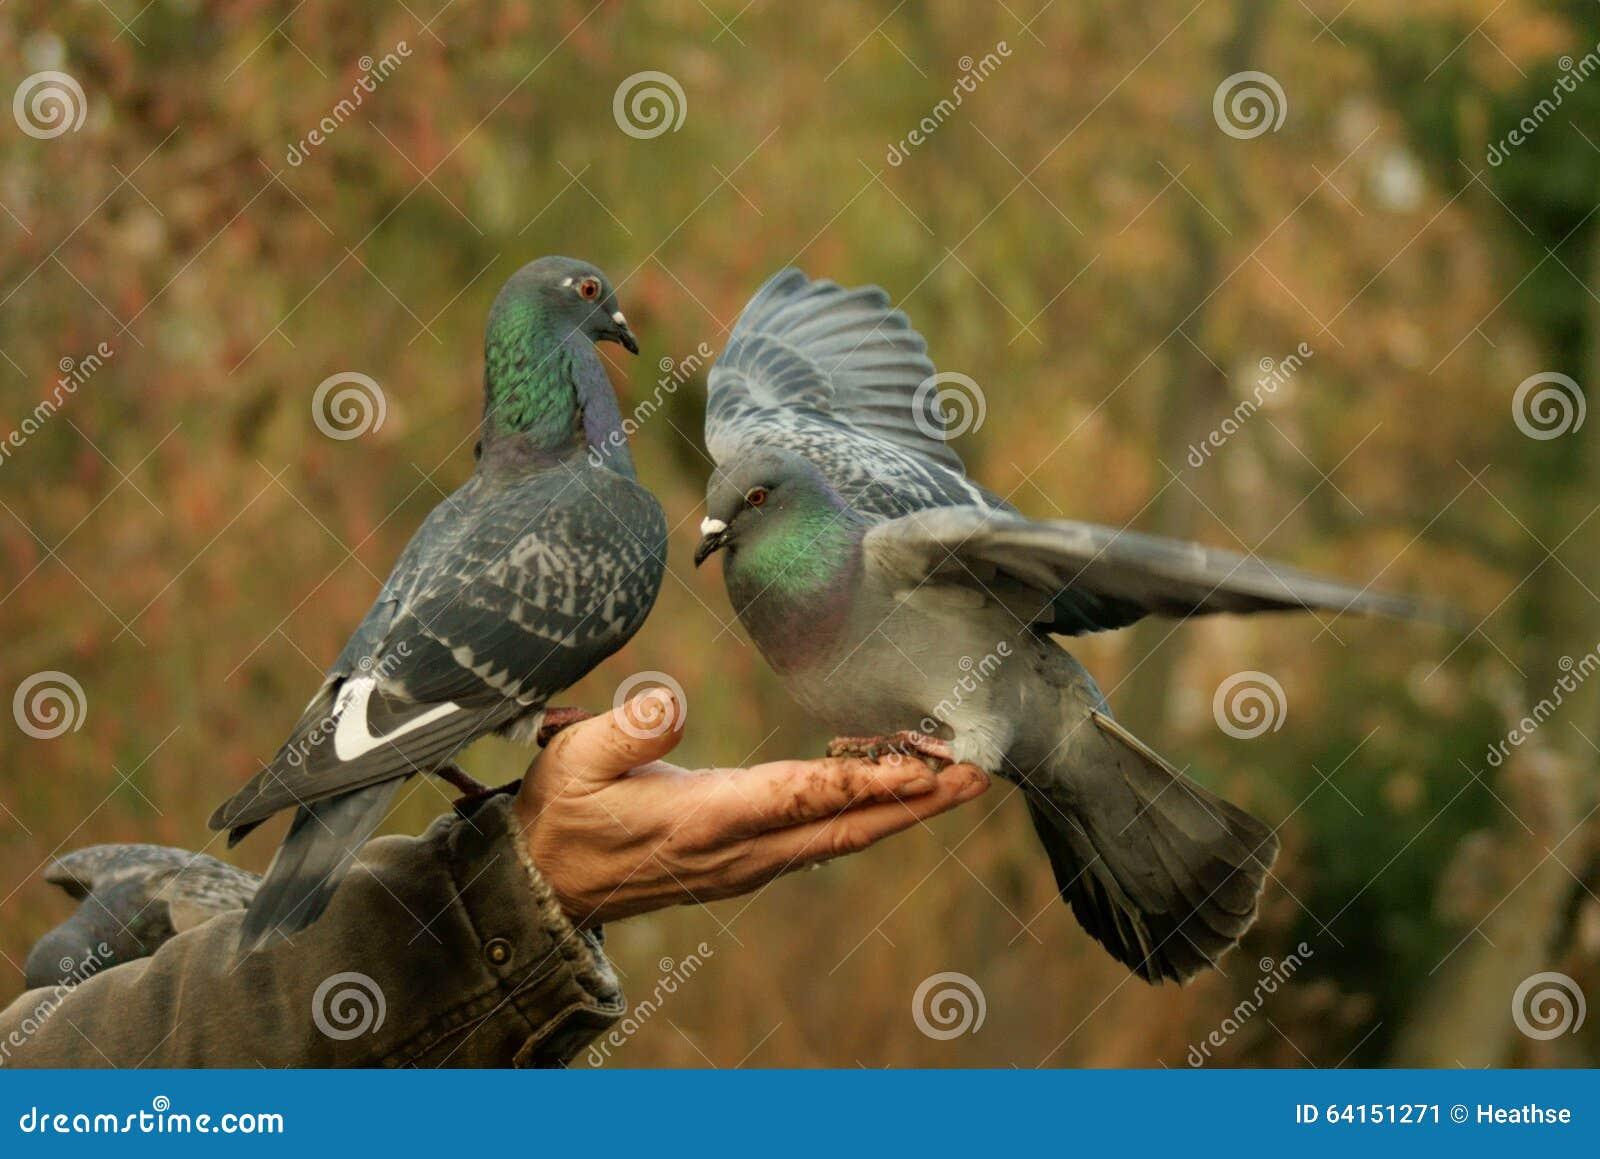 Palomas de alimentación bondadosas